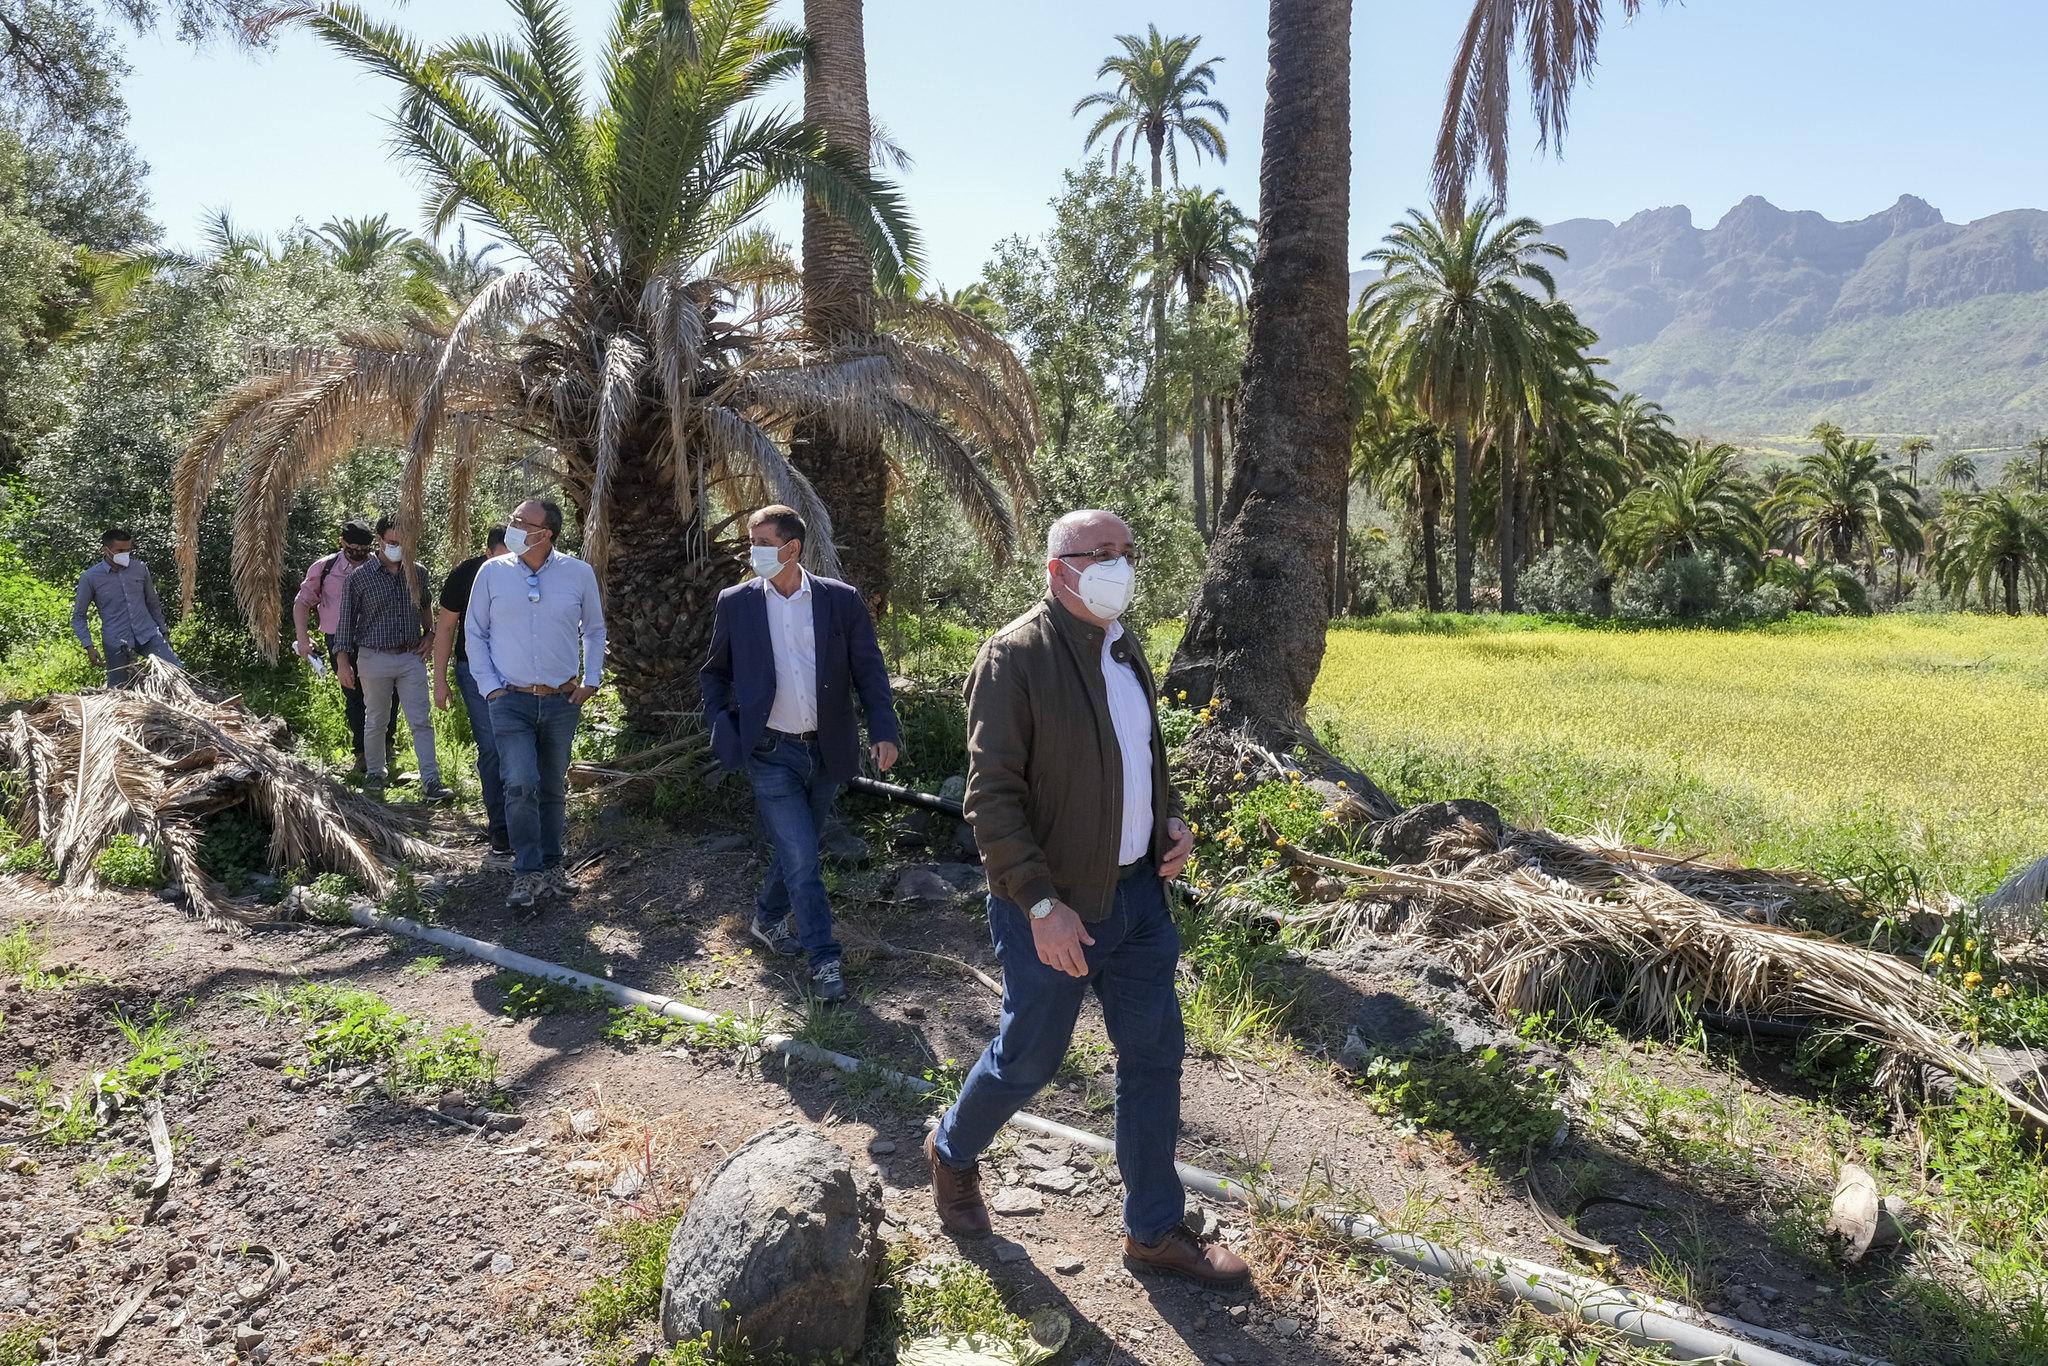 El Cabildo de Gran Canaria limpiará las palmeras y barrancos para prevenir incendios / CanariasNoticias.es